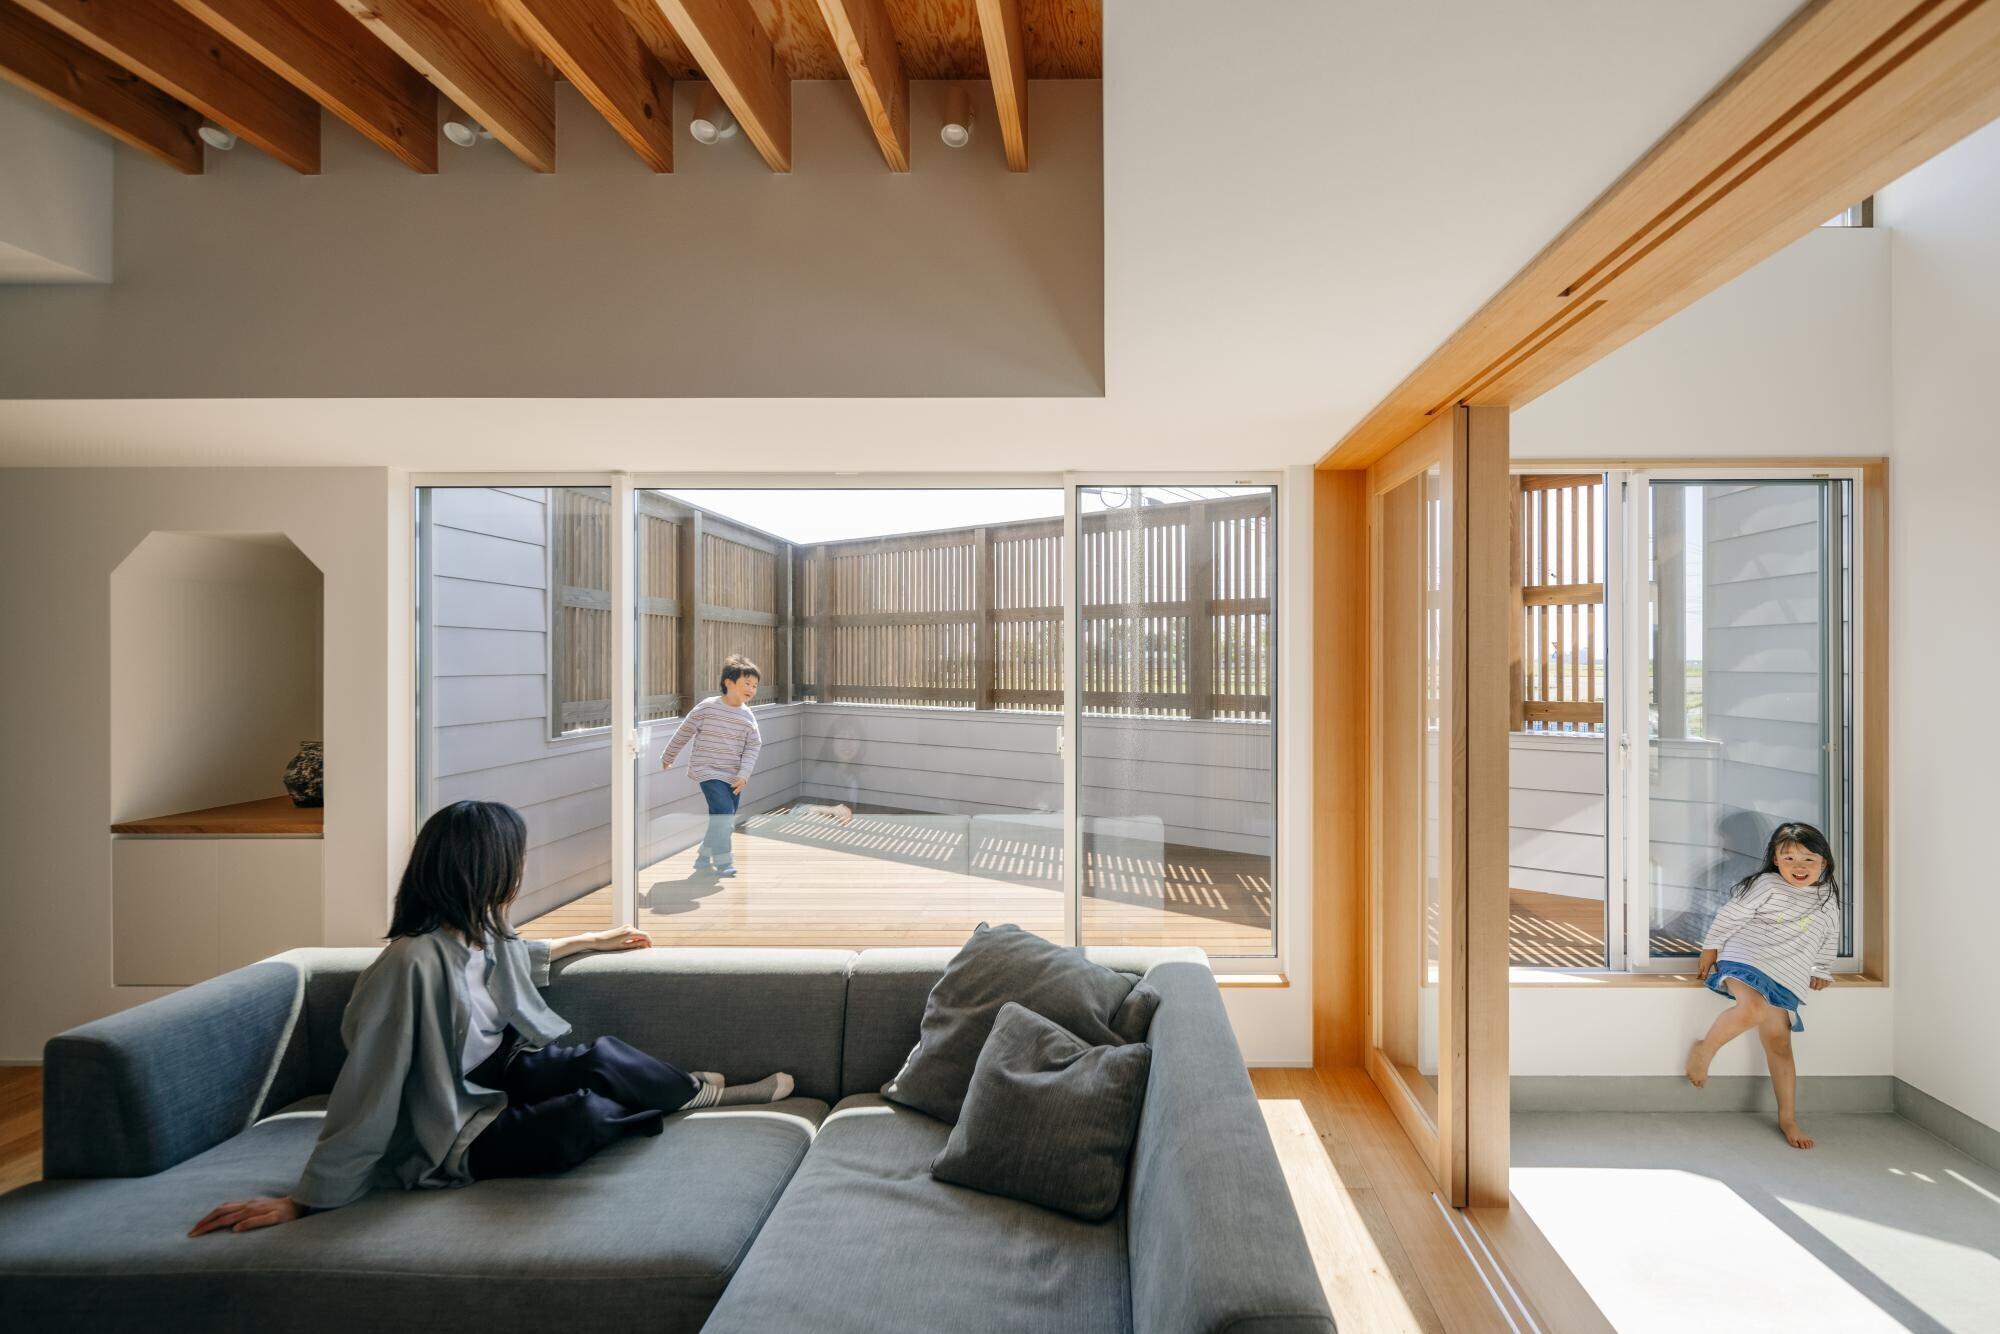 デッキテラスのある家|House Mの建築事例写真